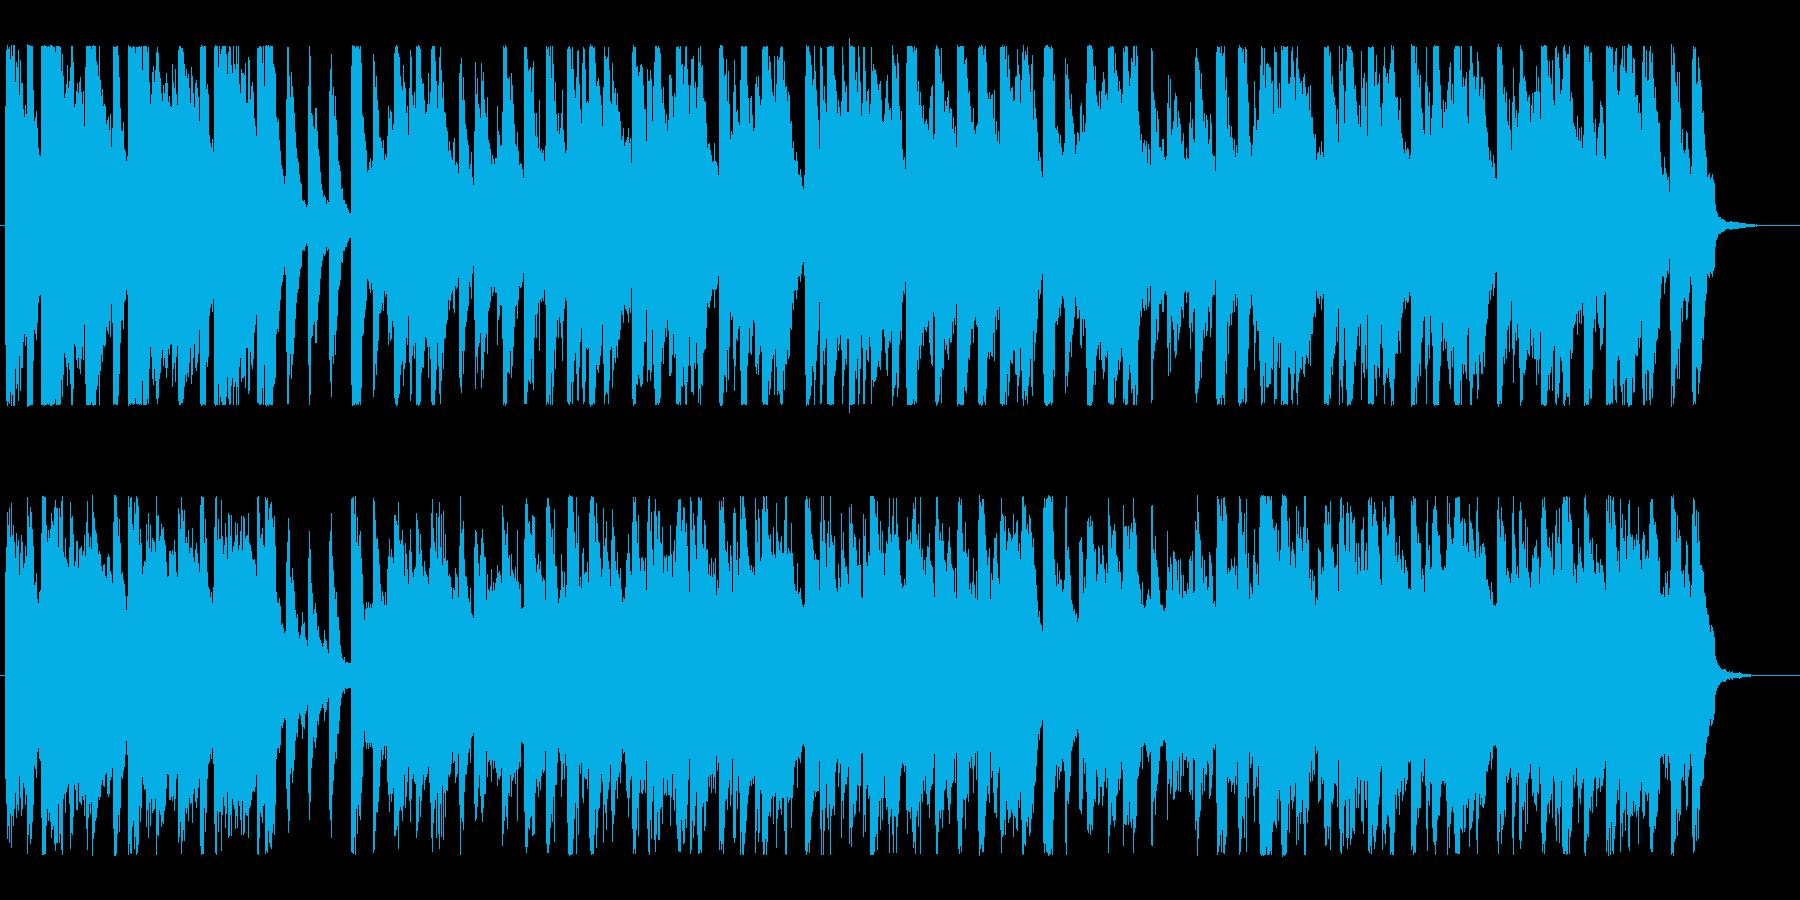 天気予報のような、ほのぼの温かいポップの再生済みの波形